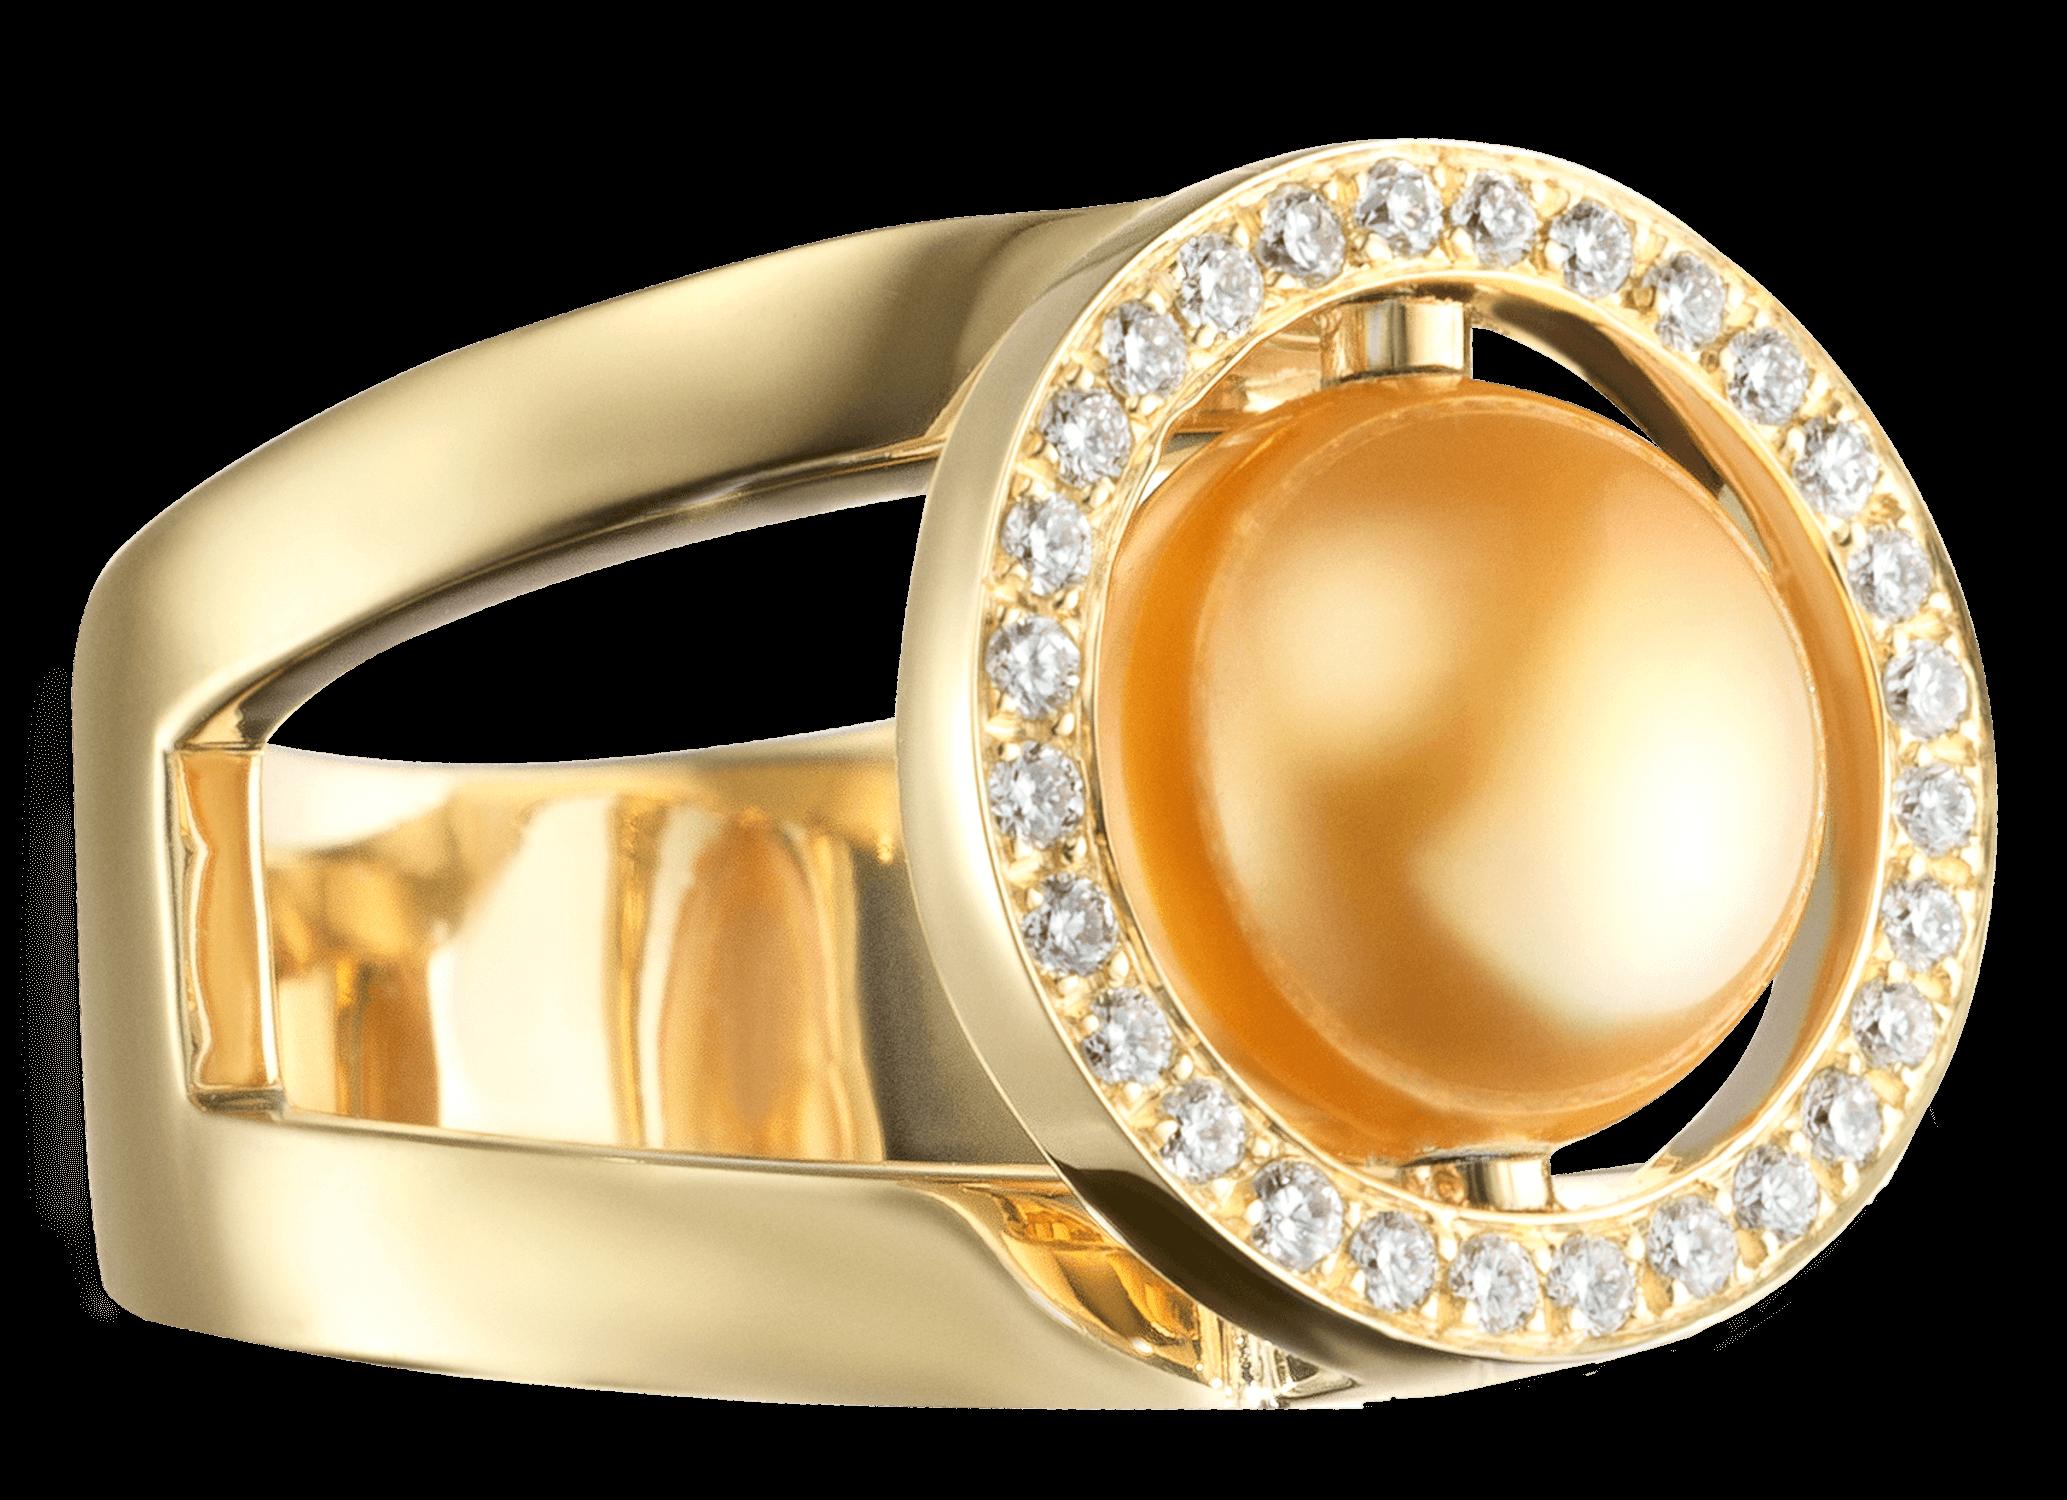 Bague Mamona - Or jaune Perle gold des mers du Sud Ø 9mm diamants 0,25 carat3 700 €Or blanc et perle de Tahiti Ø 8,5 mm - Ø 50,52 000 €